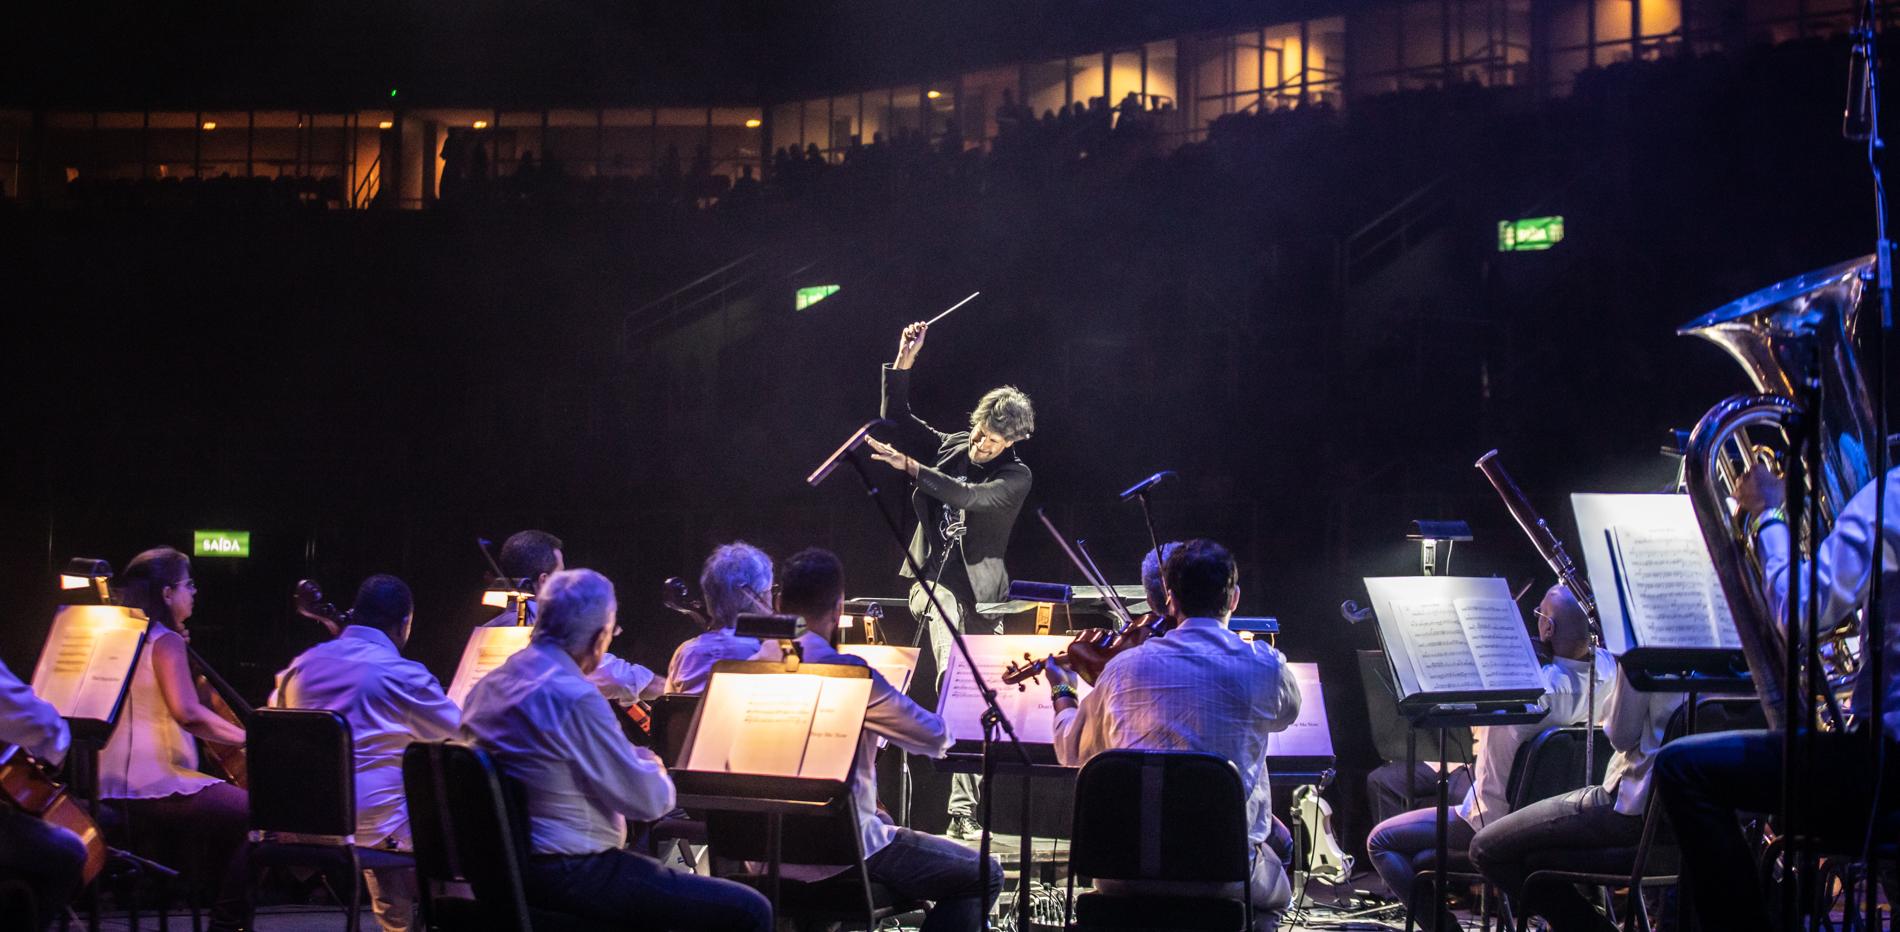 A Orquestra Petrobras Sinfônica durante uma apresentação de 2019. (Foto: Renato Mangolim/Divulgação)